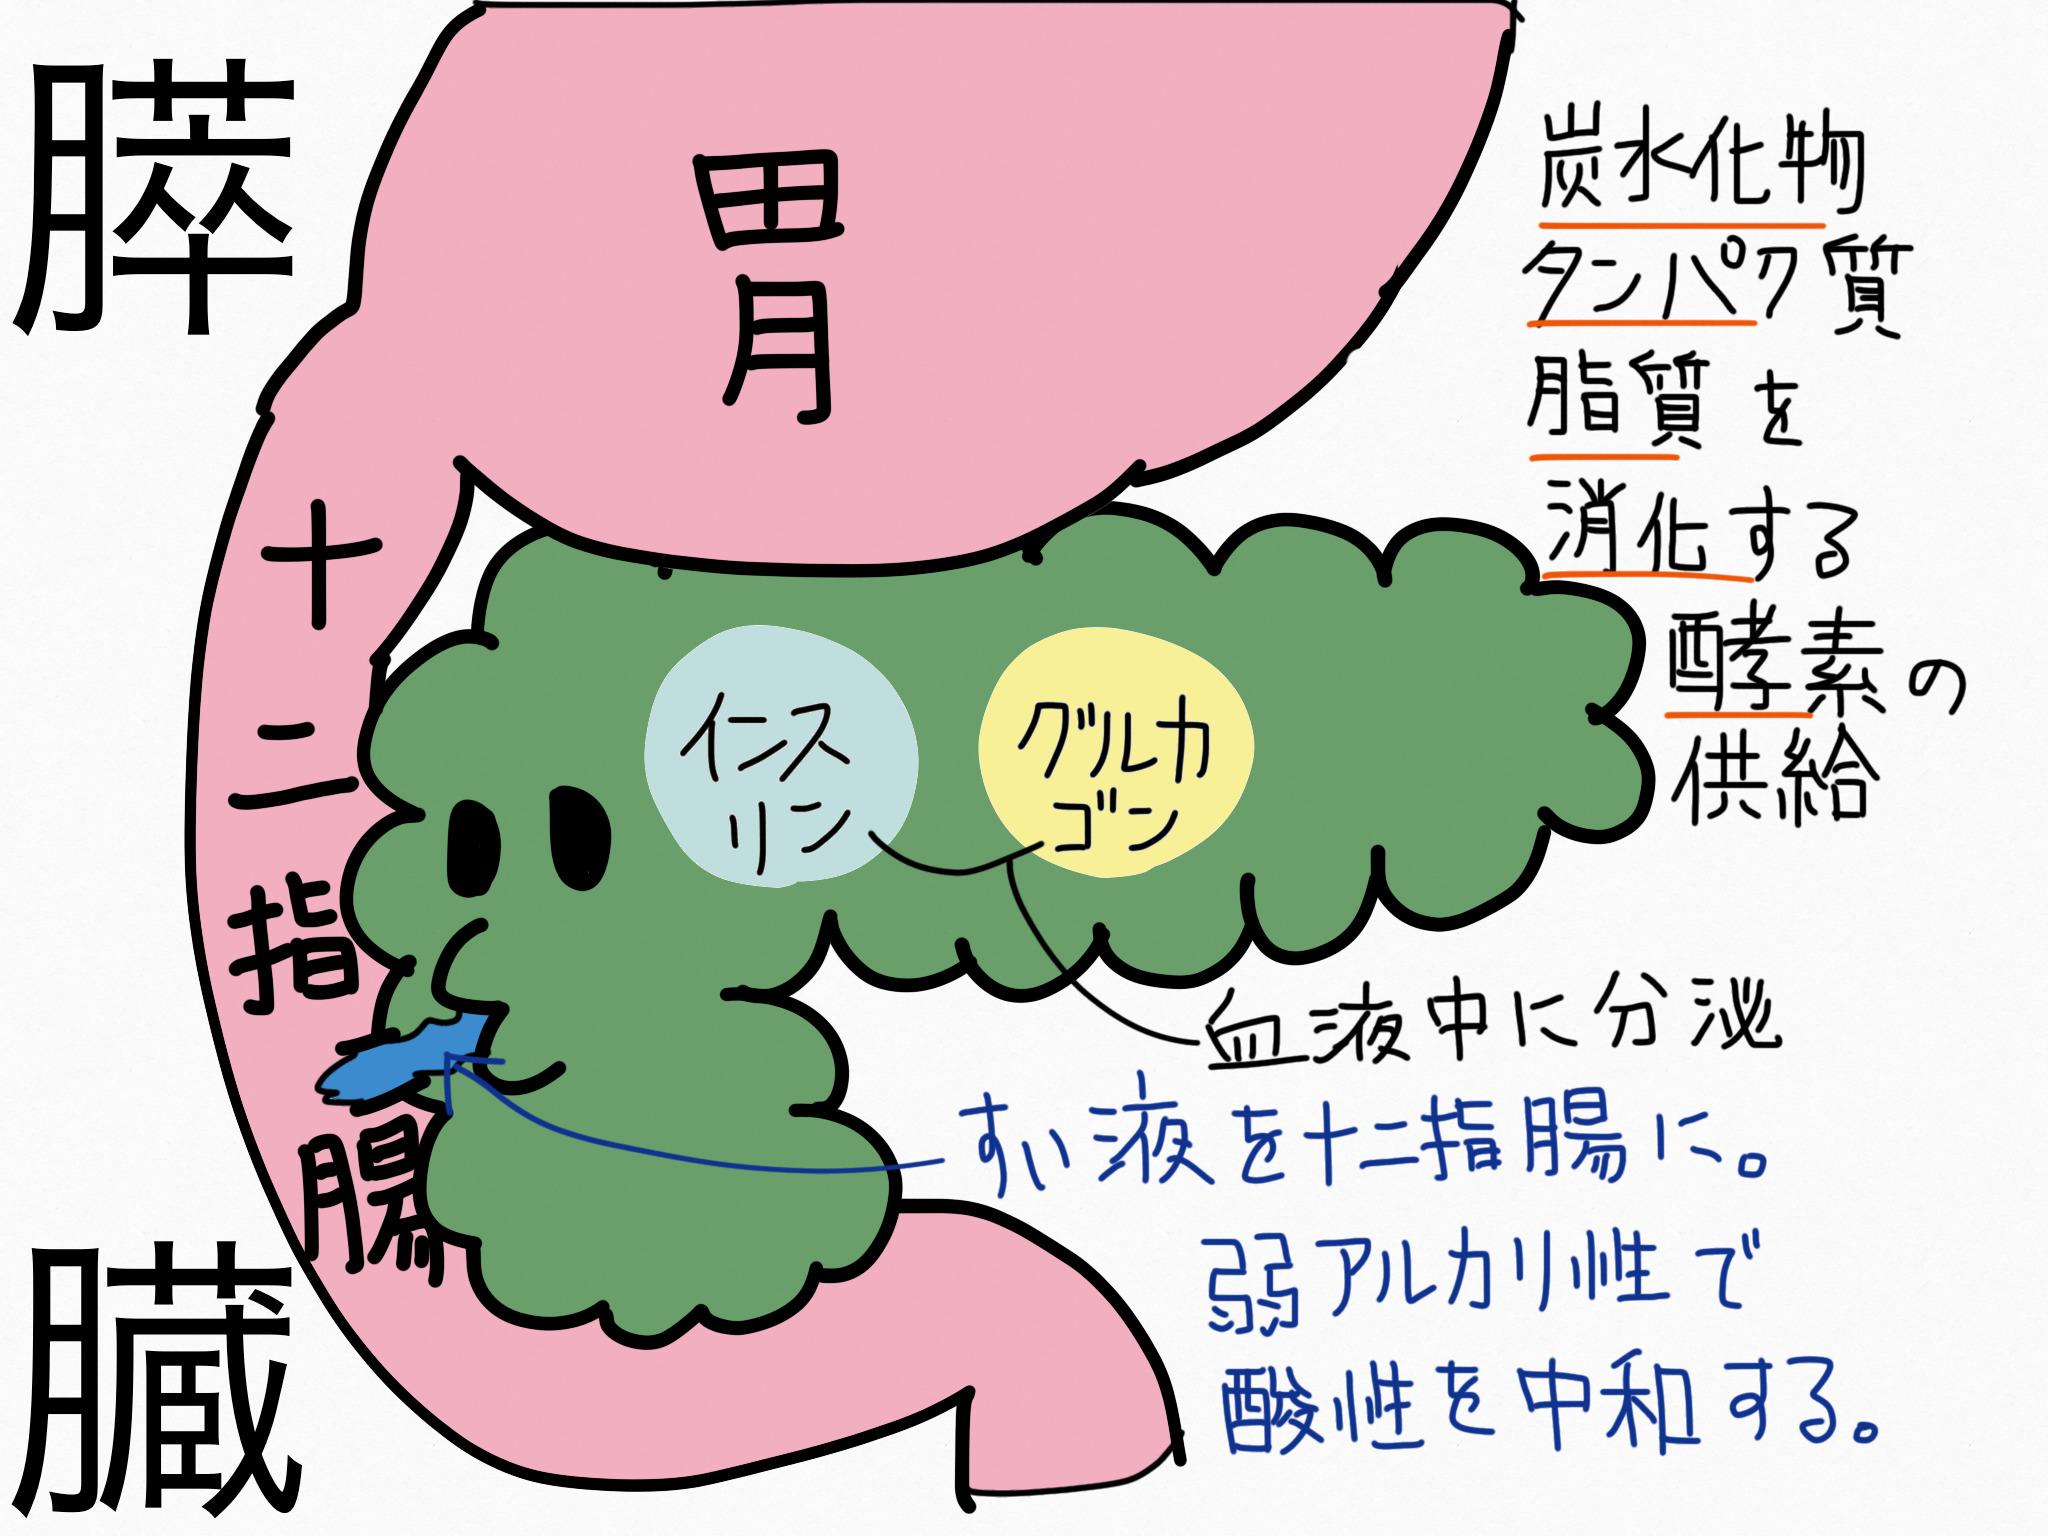 消化器系/膵臓【第2章の覚え方】